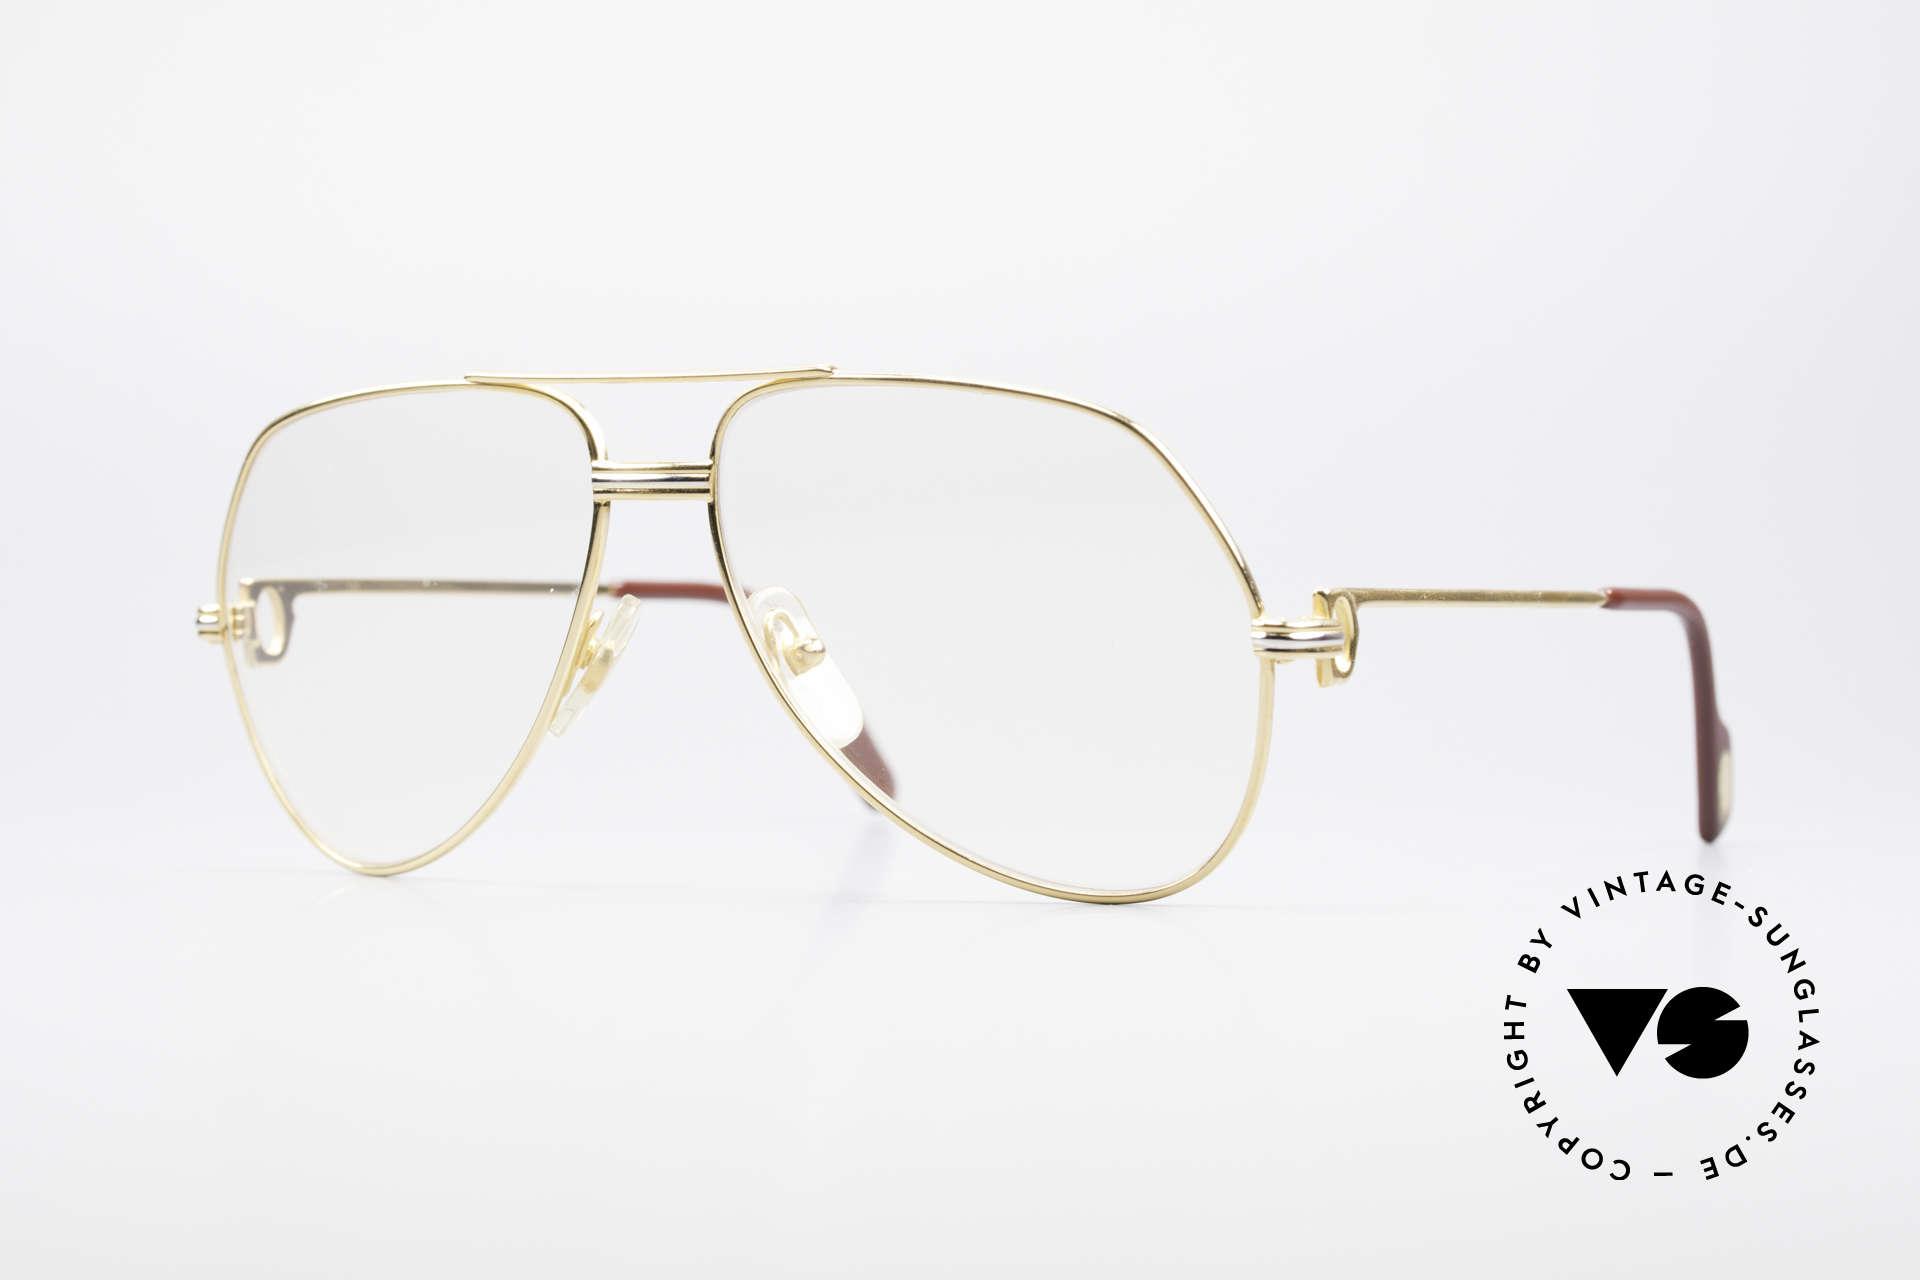 Cartier Vendome LC - M Hauchzeichen Cartier Gläser, Vendome = das berühmteste Brillendesign von CARTIER, Passend für Herren und Damen